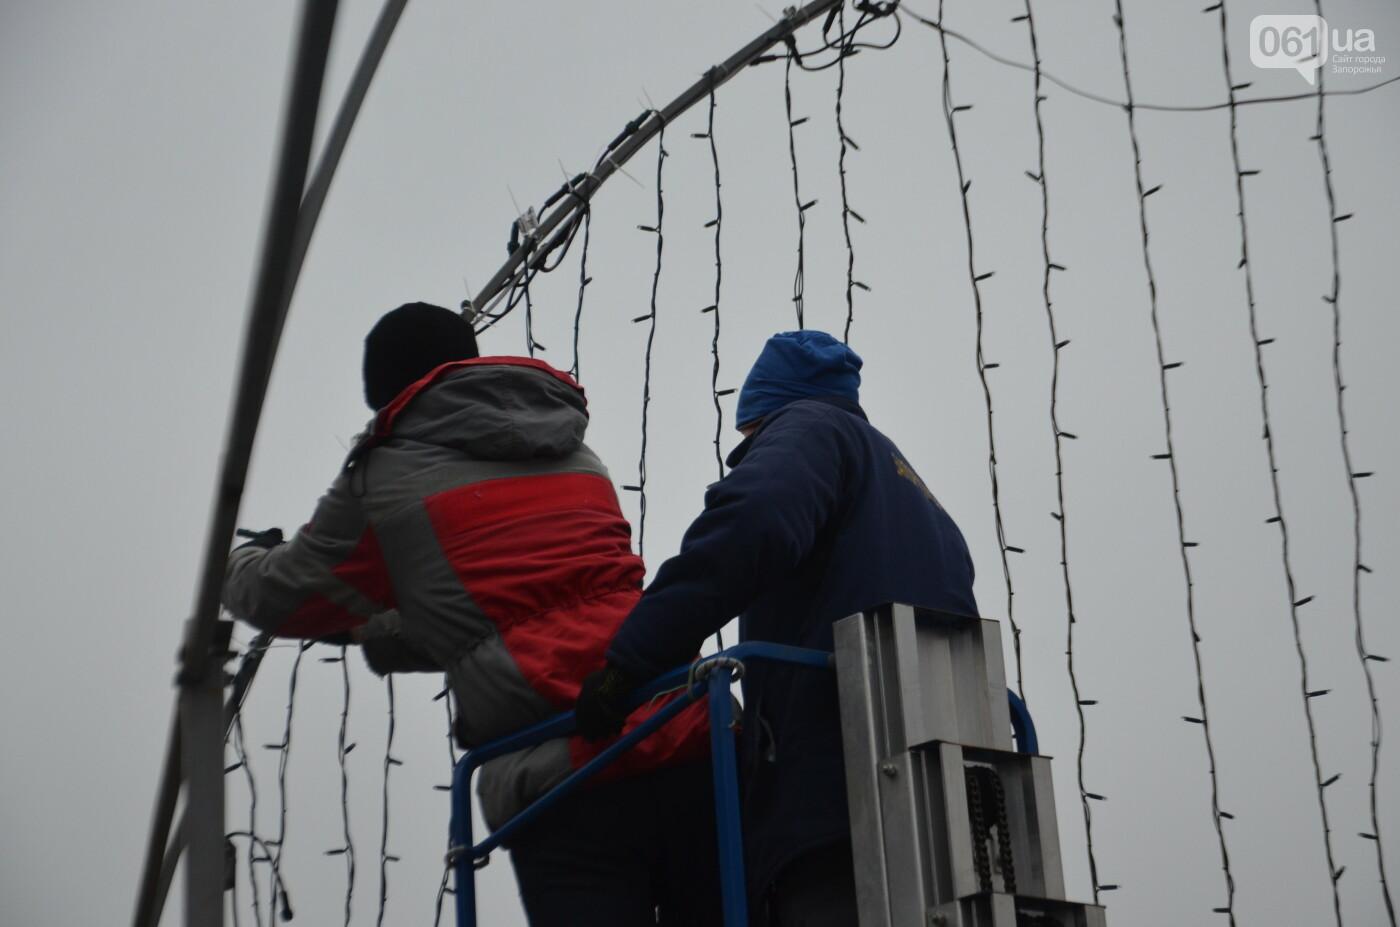 В Запорожье на бульваре Шевченко начали монтировать новогодний городок на БШ за 1,8 миллиона гривен, фото-17